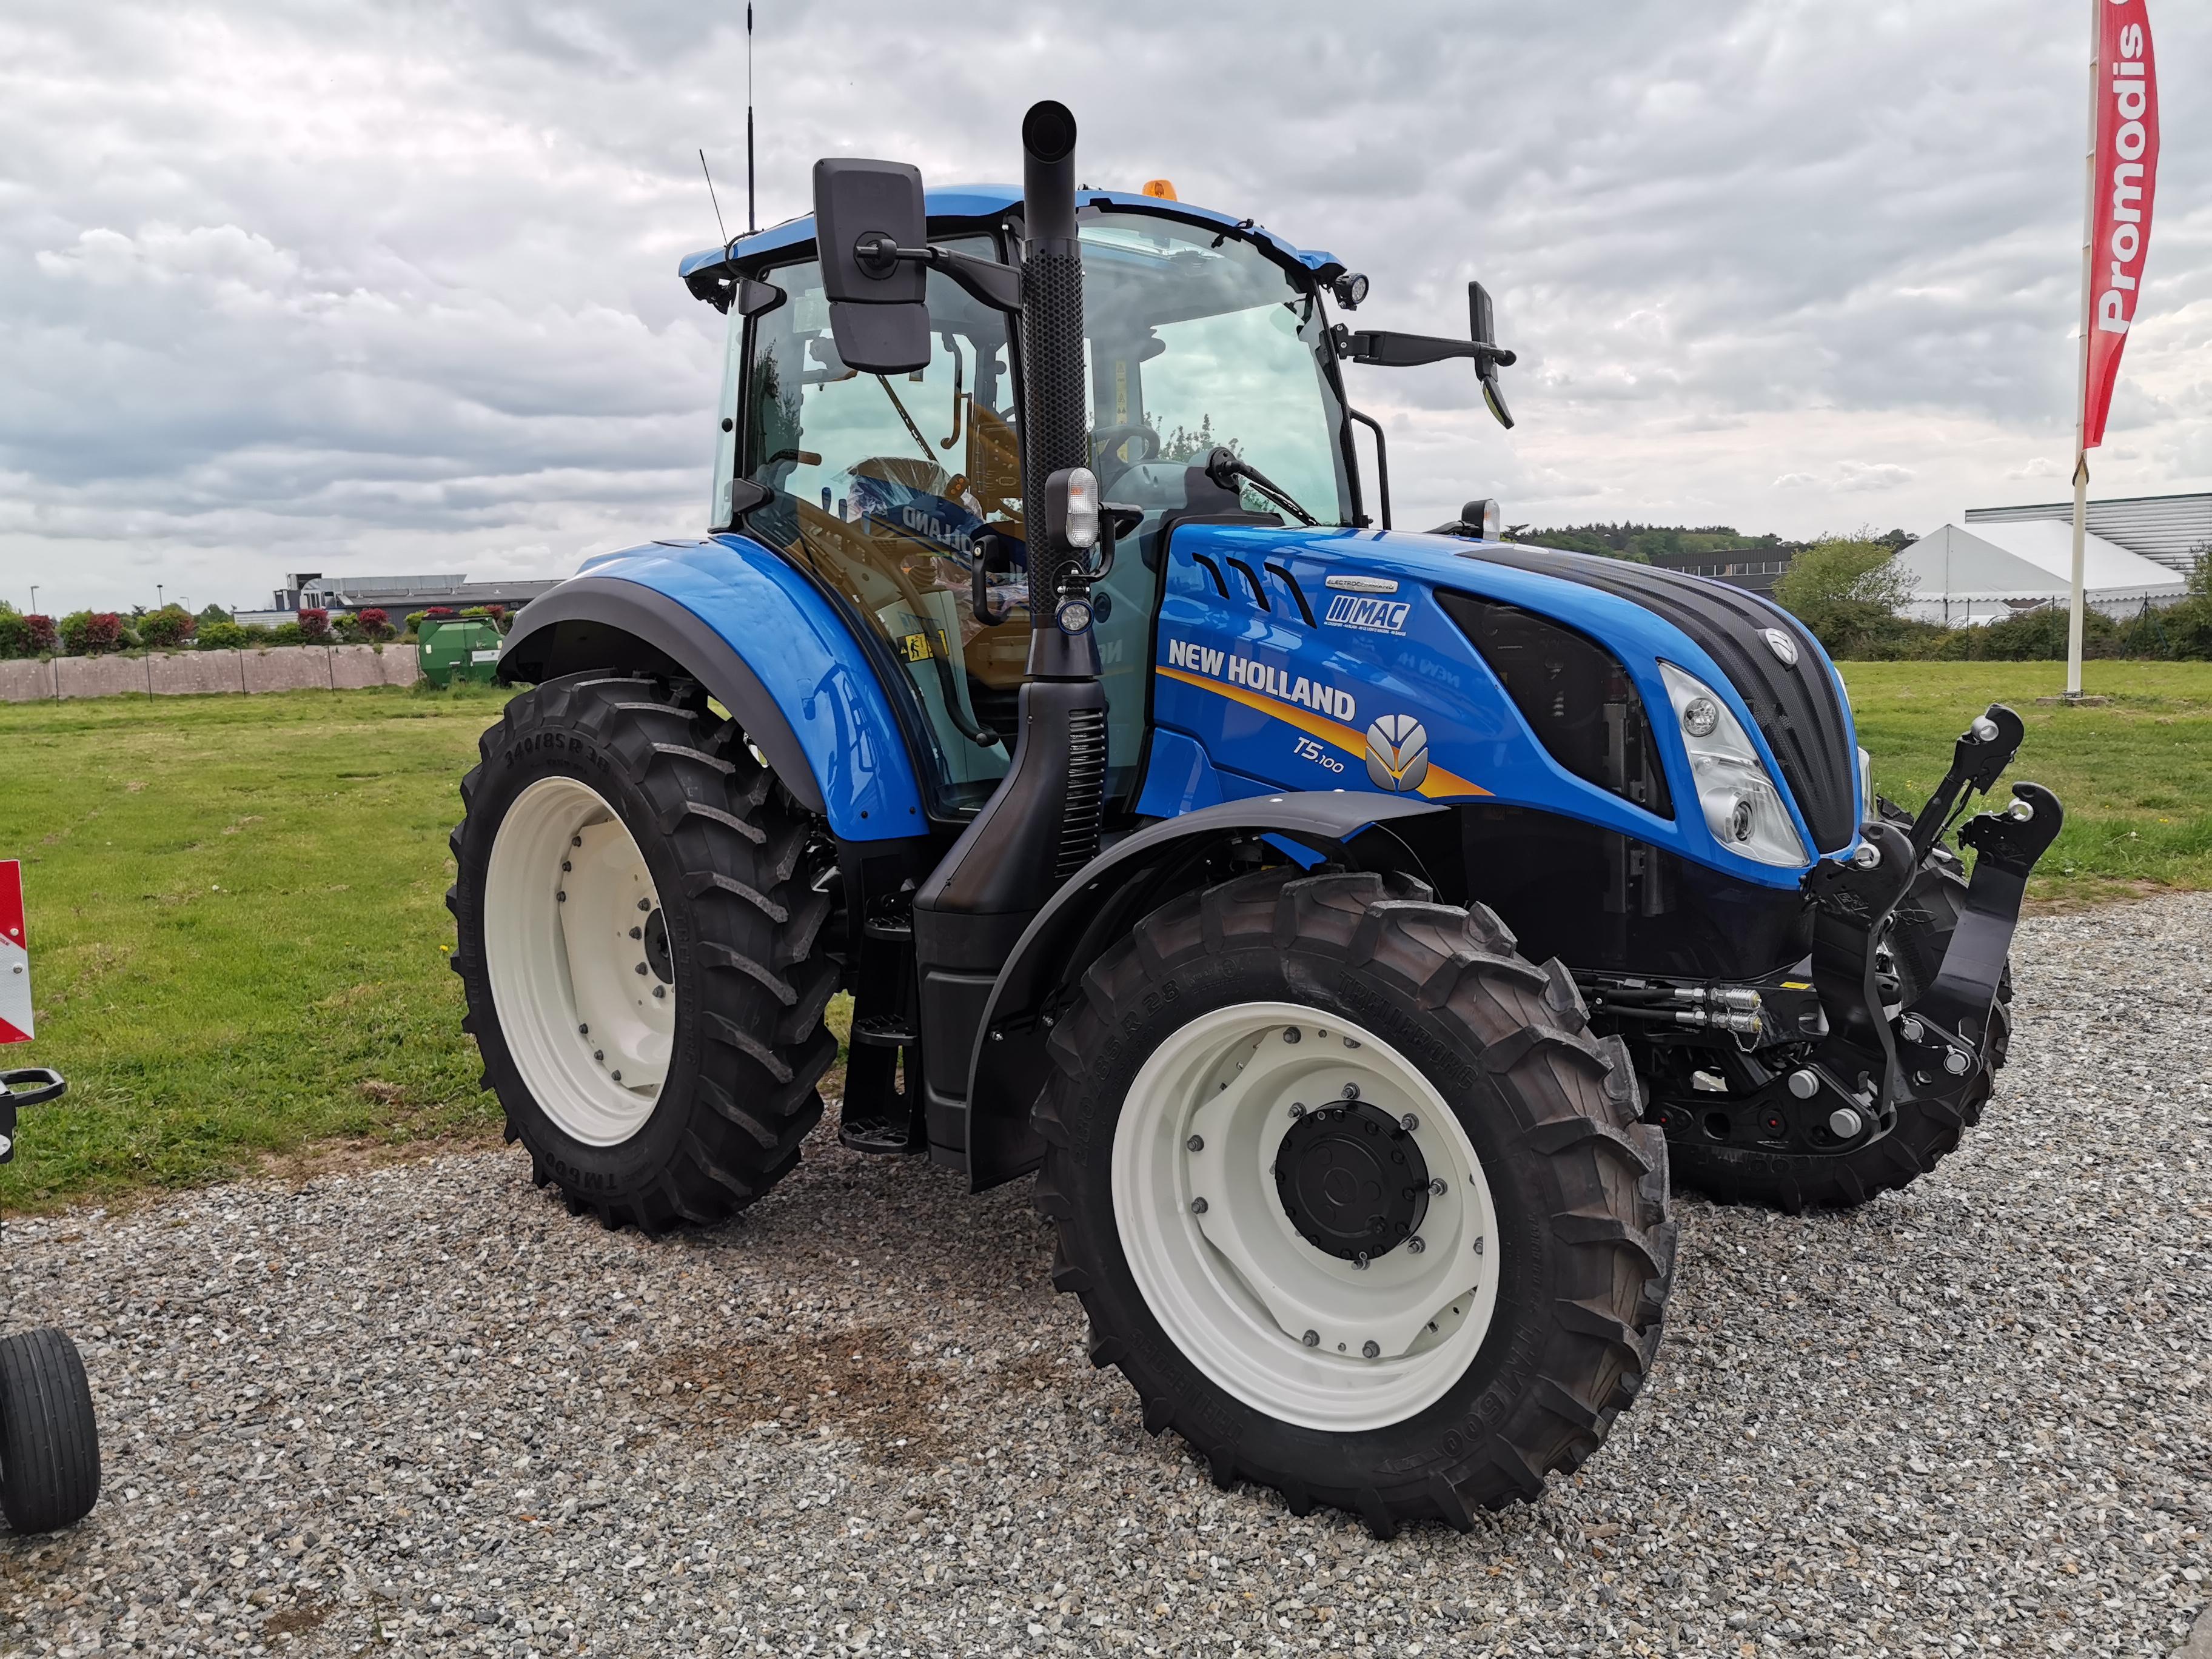 Livraison d'un tracteur New Holland T5.100